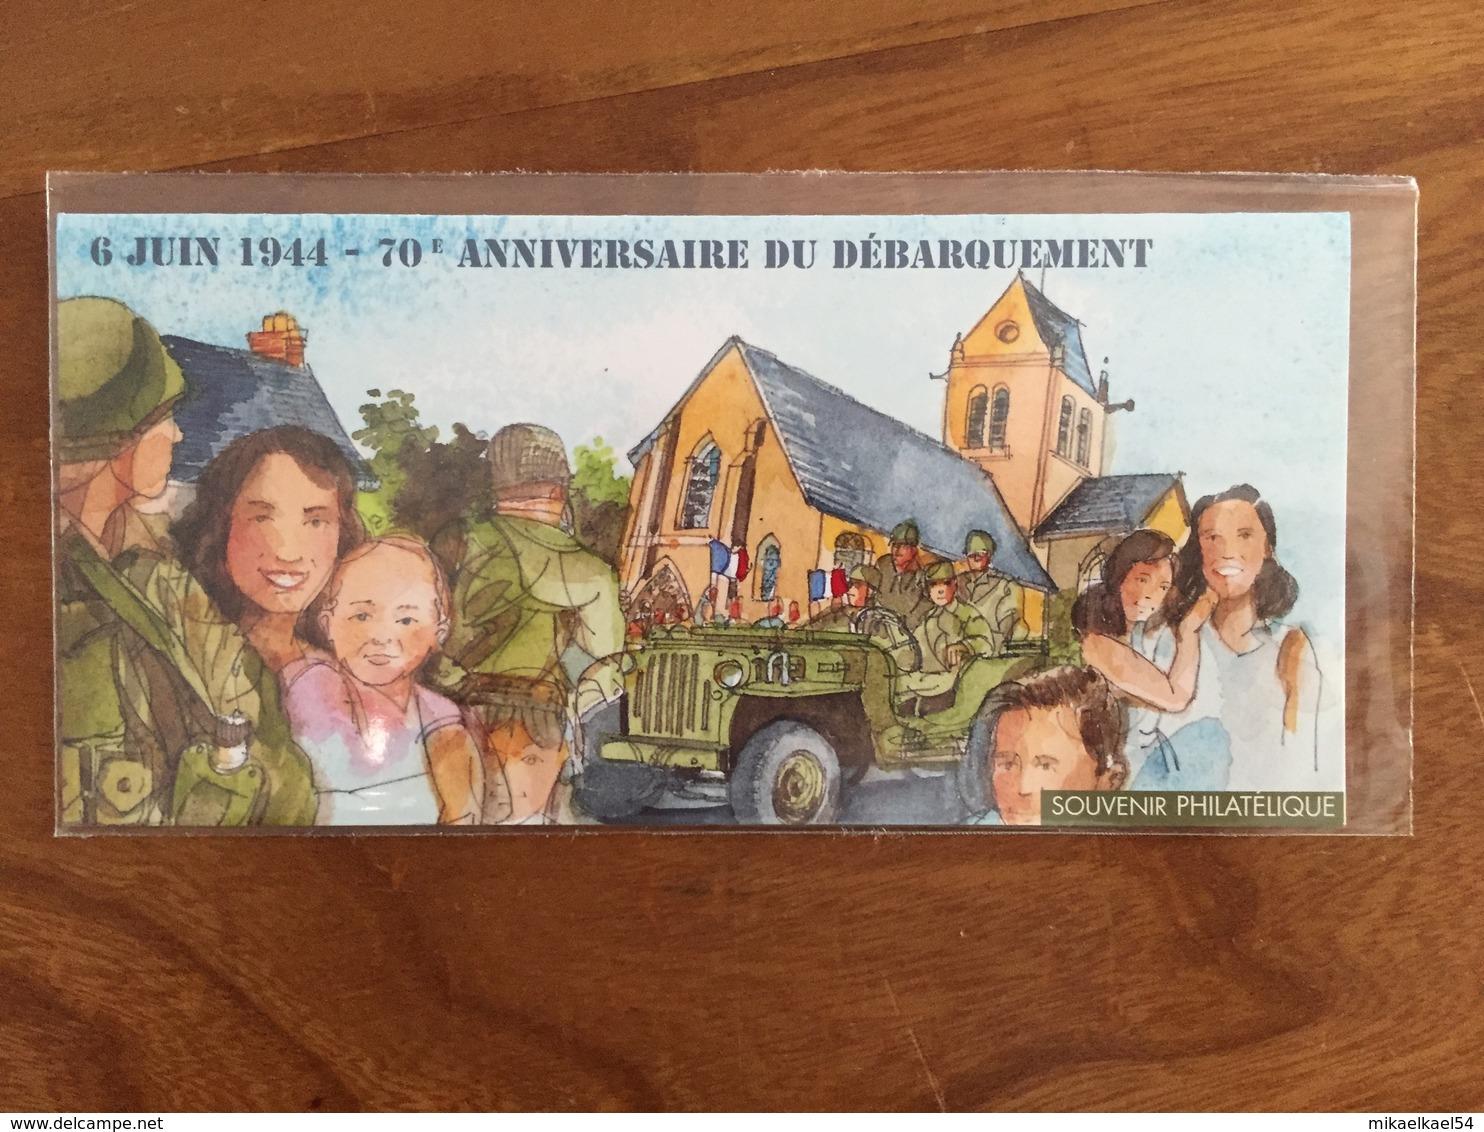 Souvenir Philatélique 70e ANNIVERSAIRE DU DÉBARQUEMENT Y&T BS 93 - 2014 - Neuf Sous Blister - Blocs Souvenir